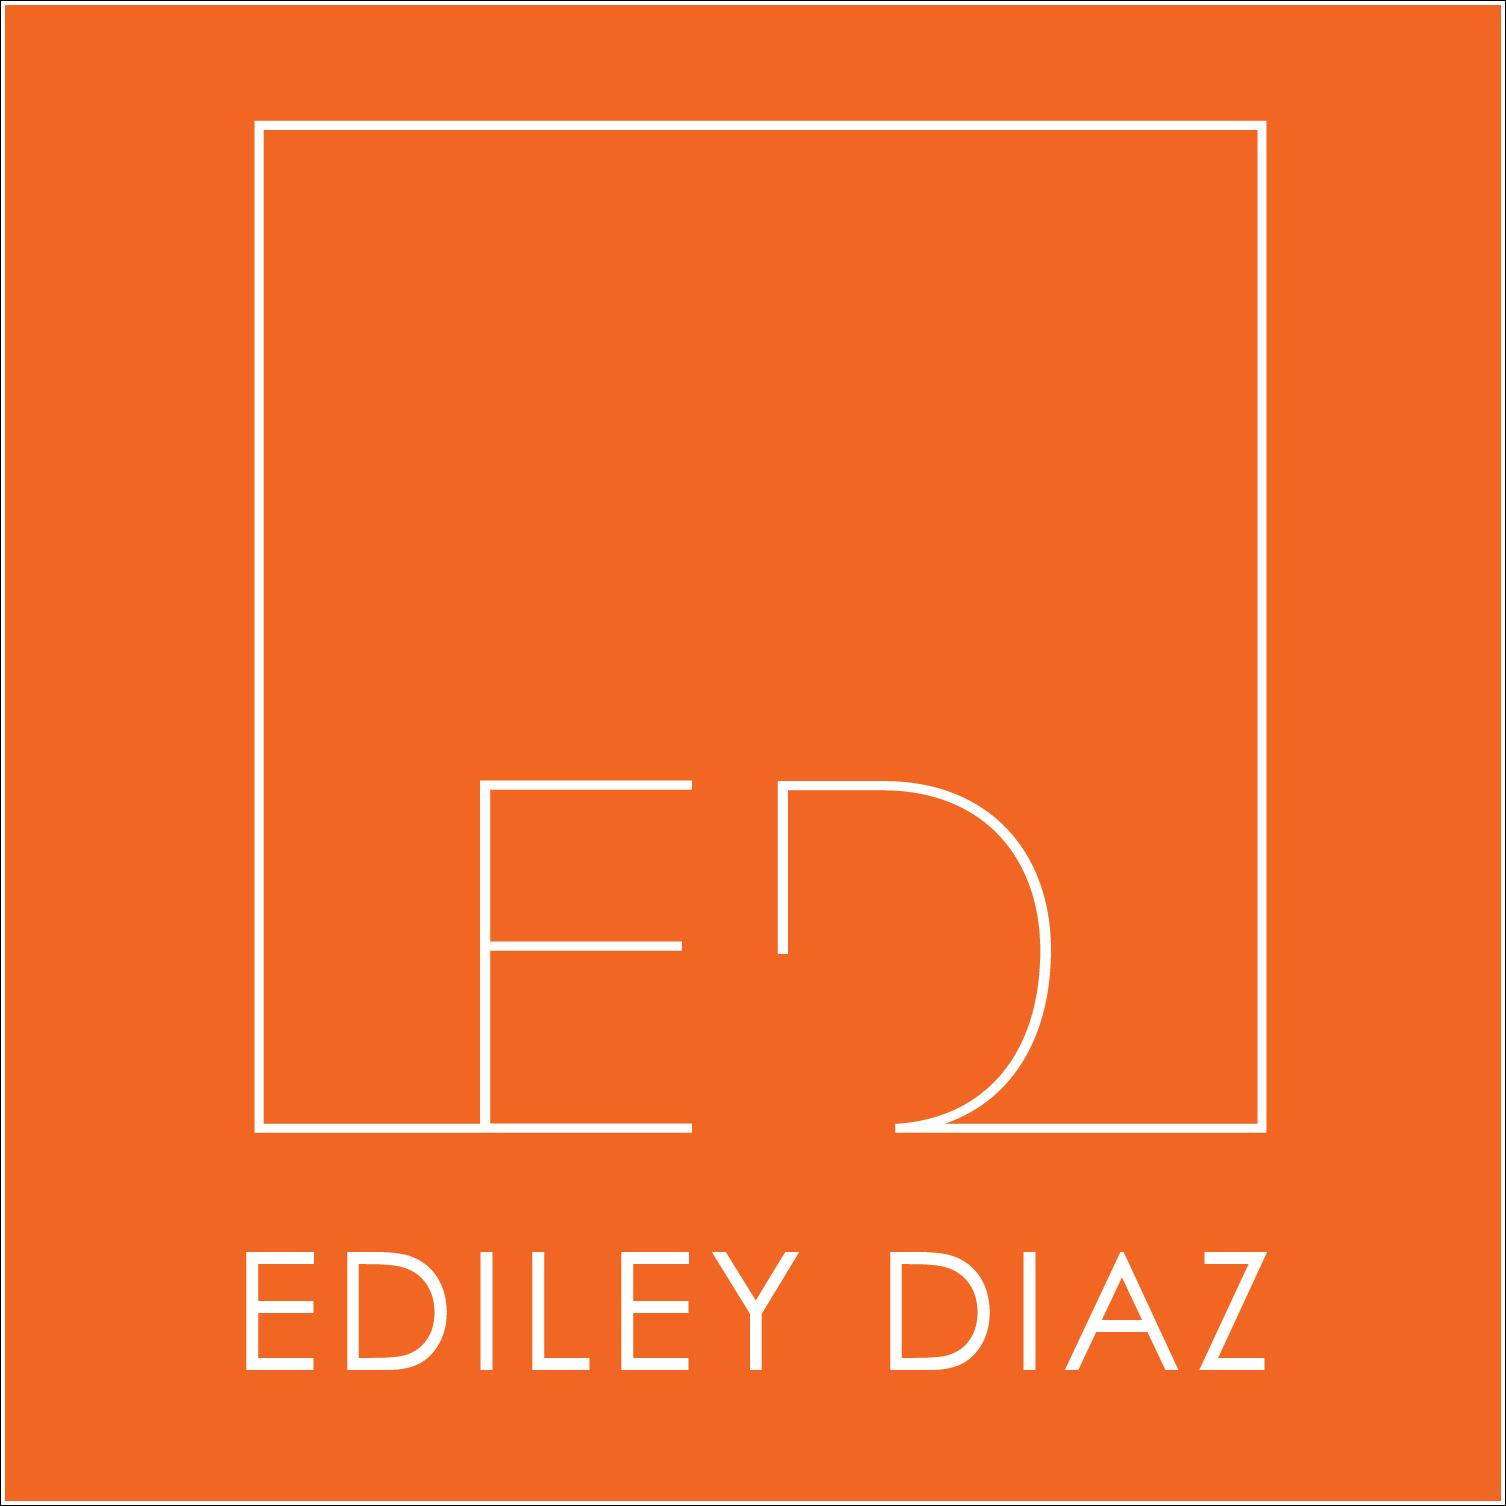 Ediley Diaz